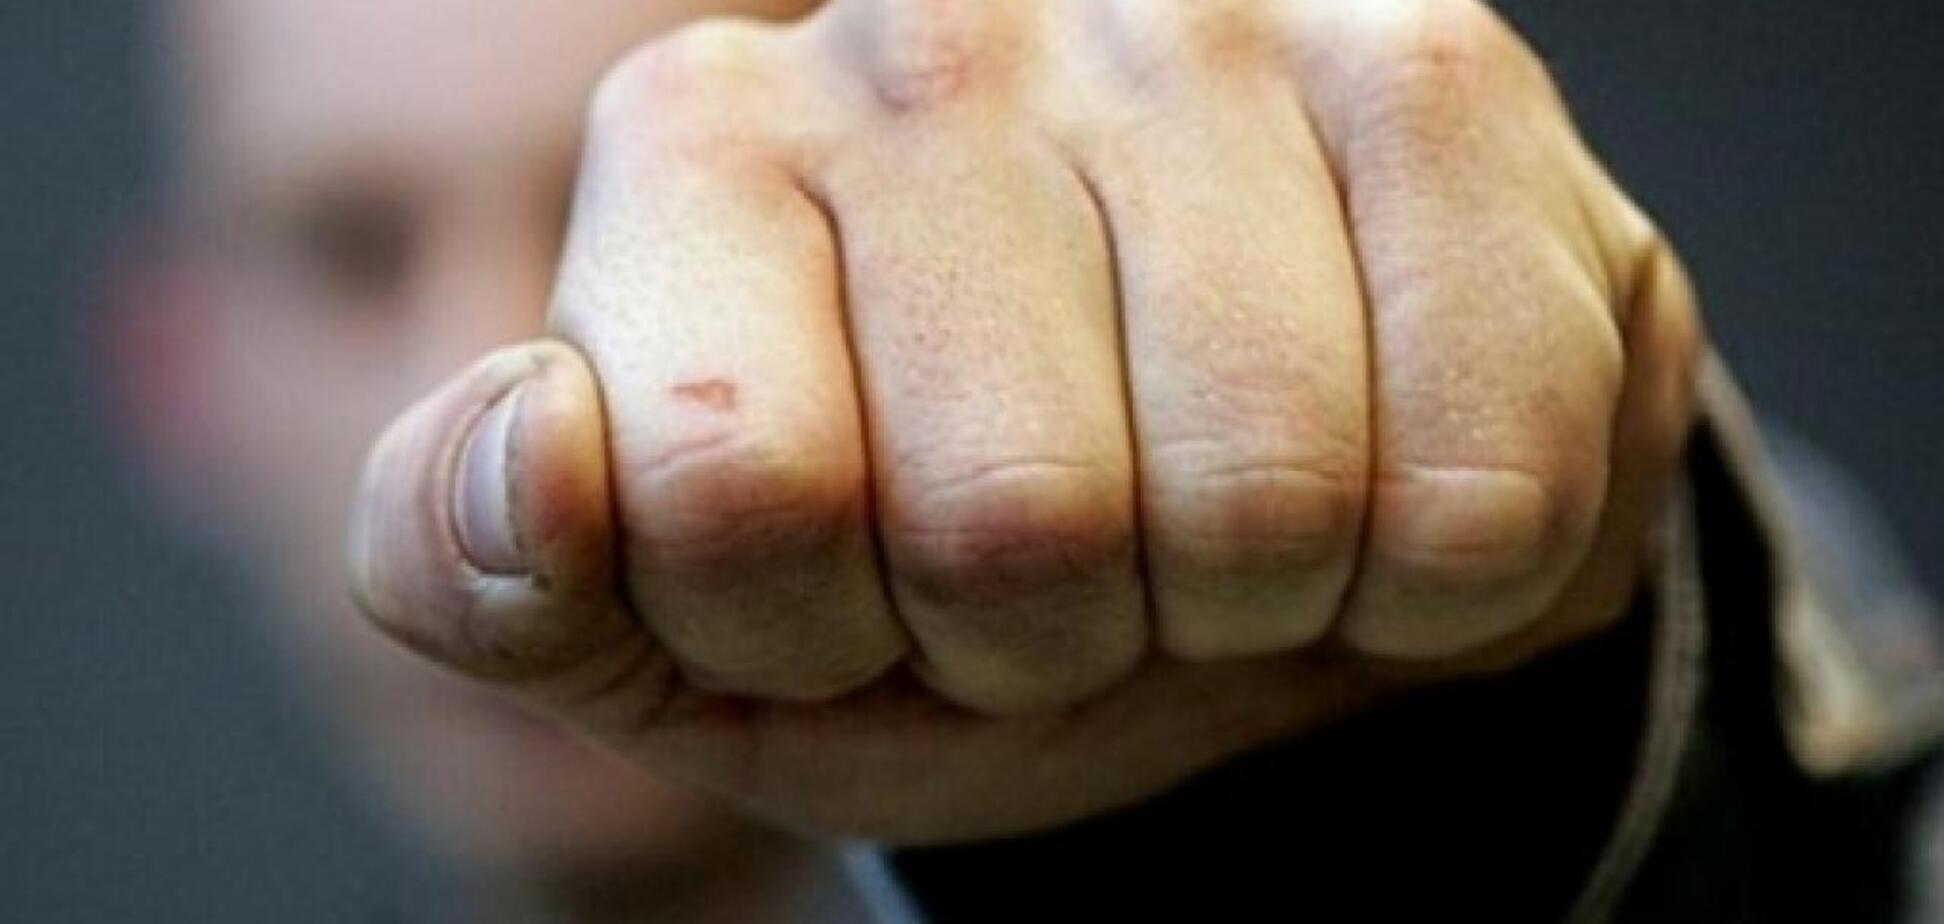 Побиття АТОшника під Києвом: дружина розповіла, кому він насолив